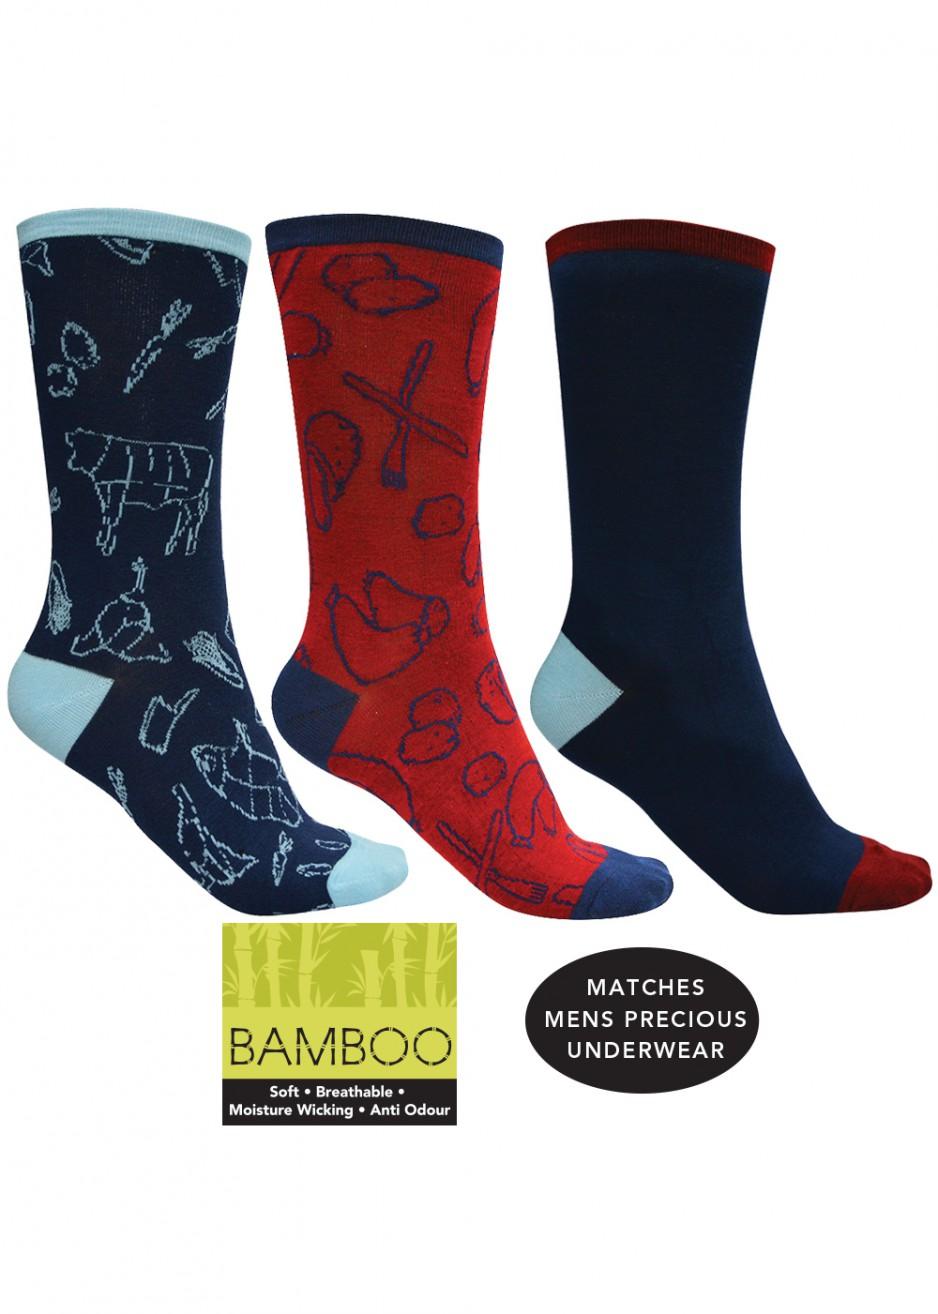 BAMBOO SOCKS 3-PACK